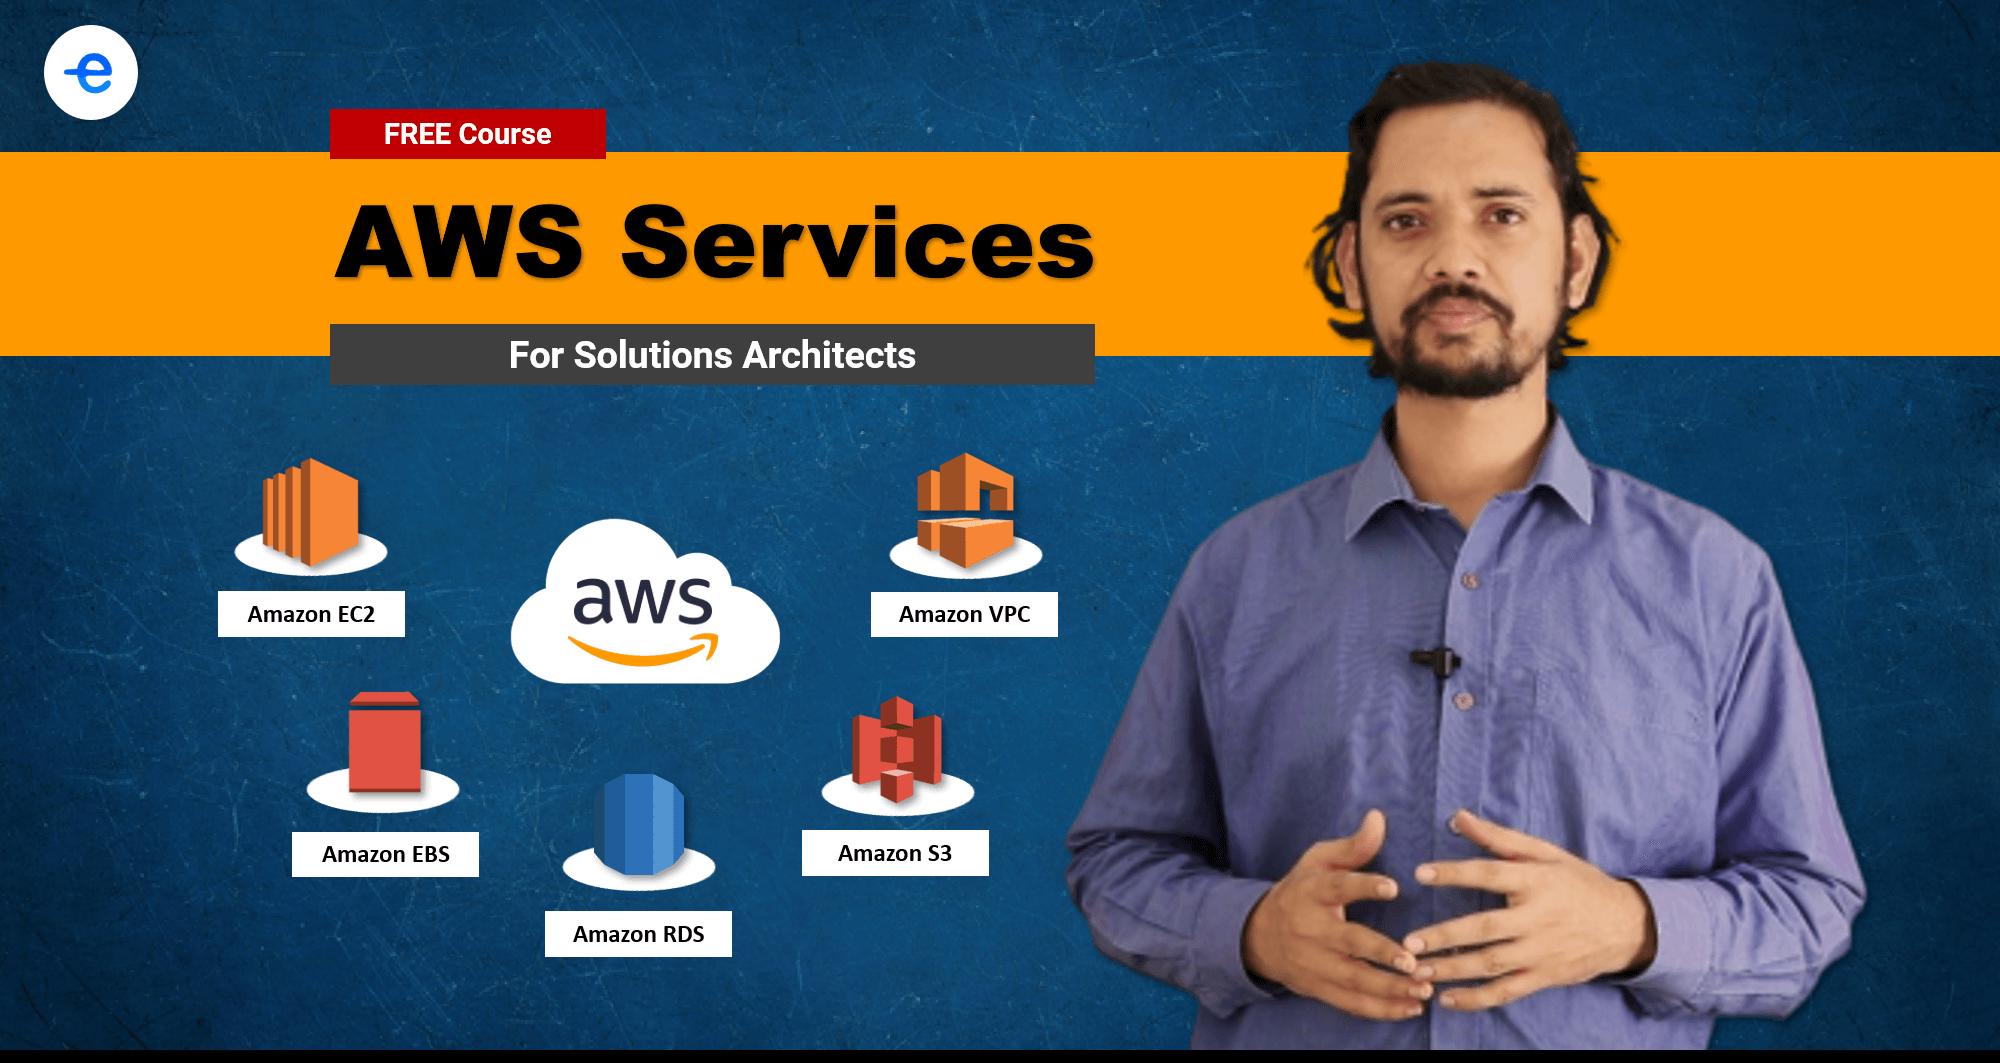 aws-services-solutios-architect-freecoursecoin